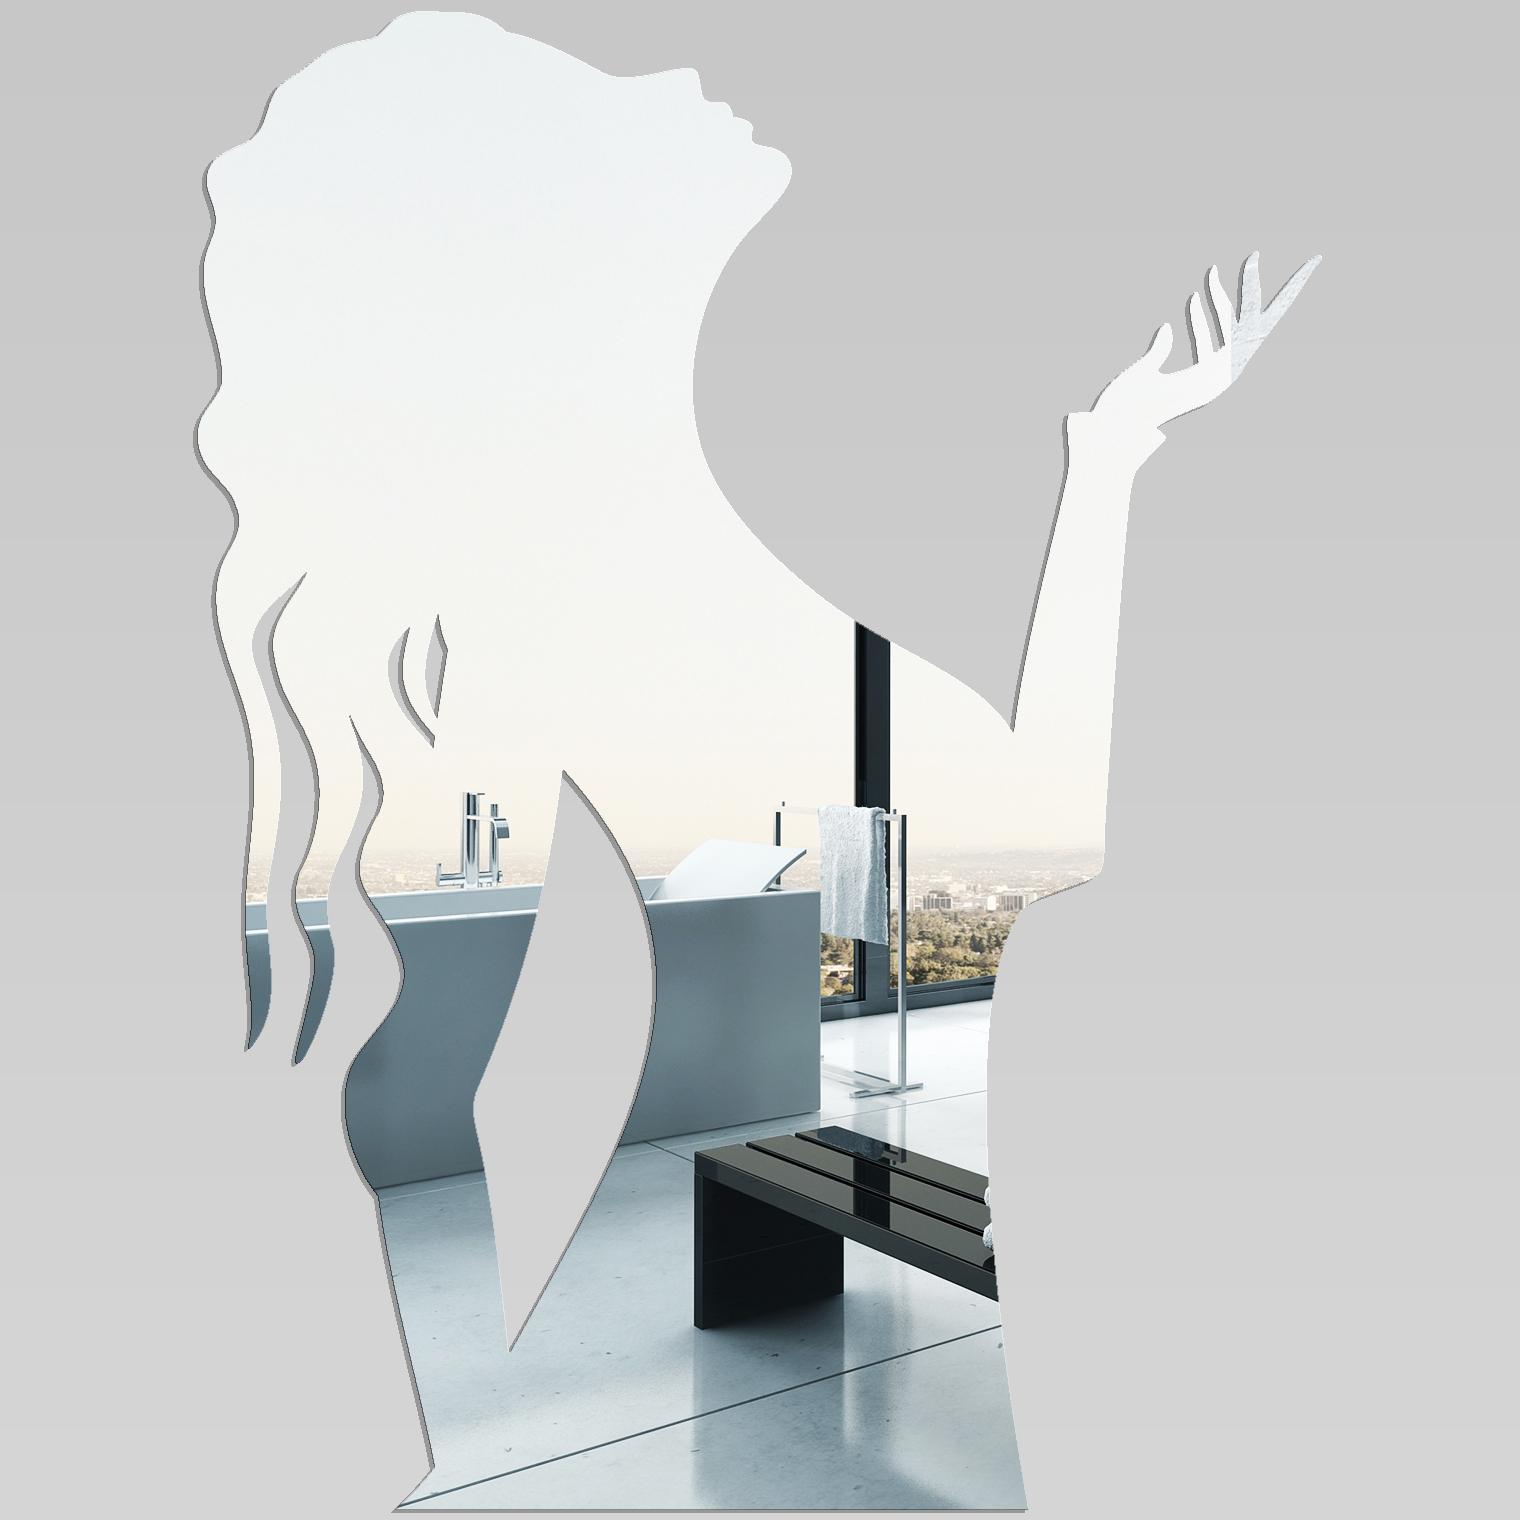 Adesivi follia specchio acrilico plexiglass donna - Specchio plexiglass prezzi ...